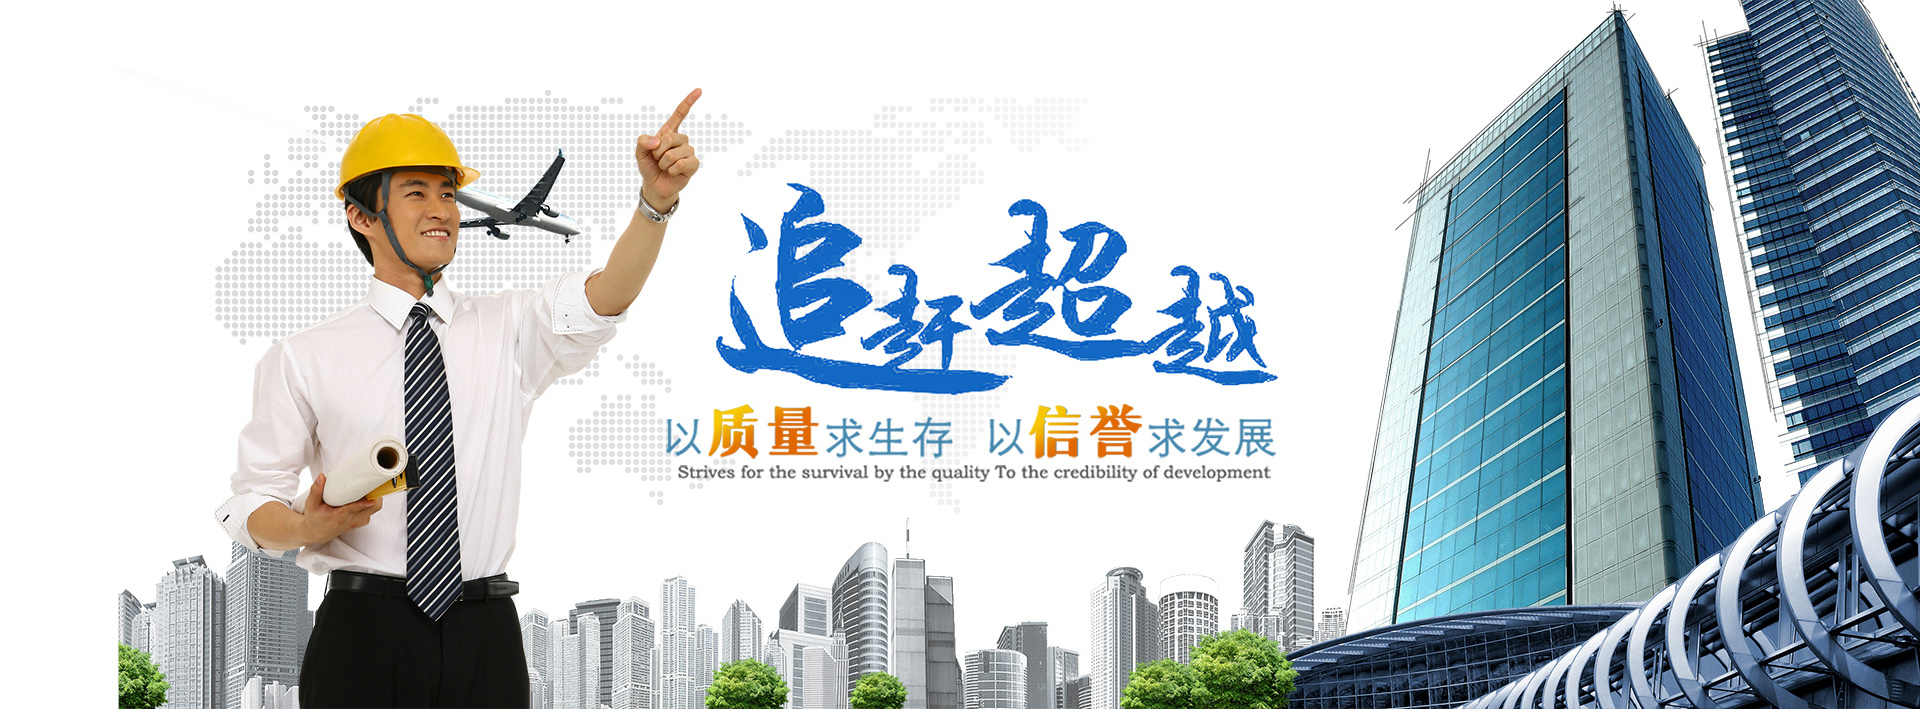 抚州万博manbetx手机登录网页企业